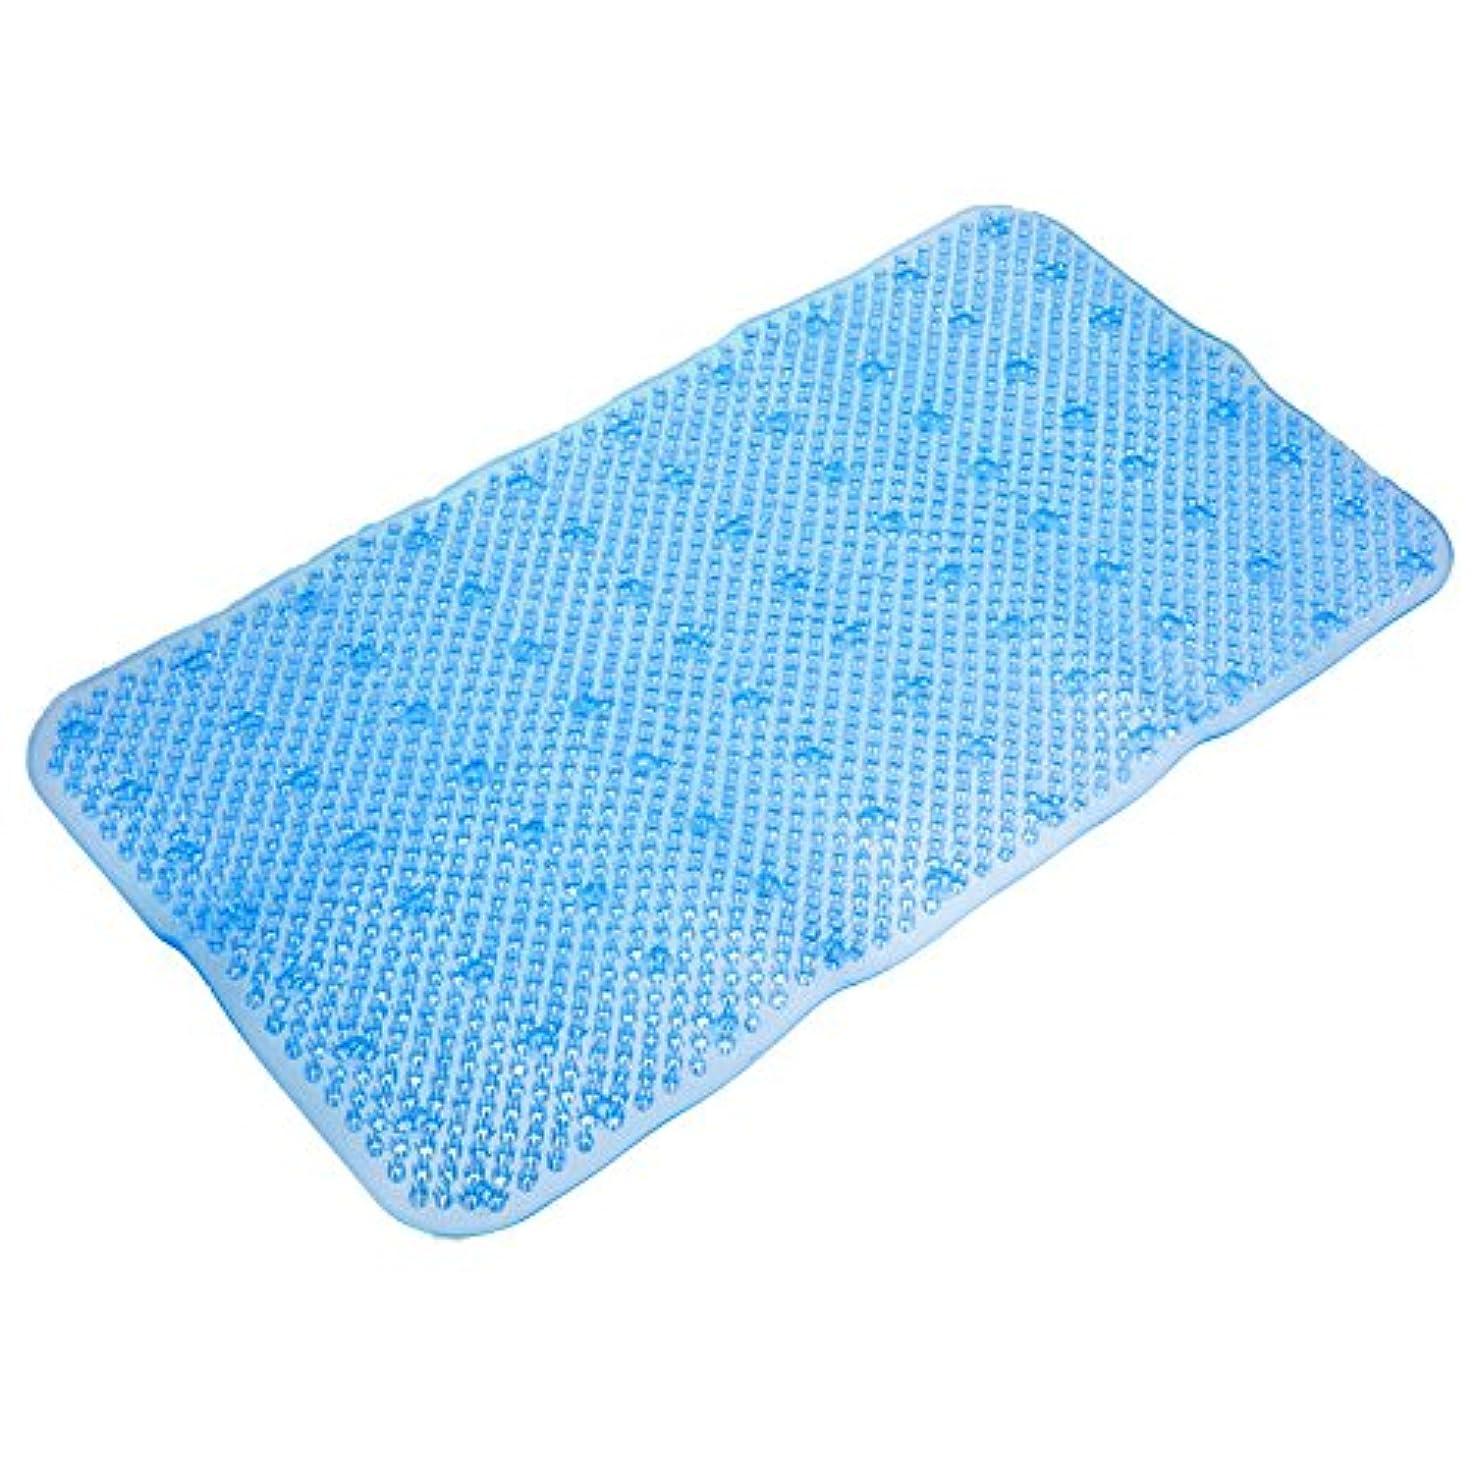 便利さ音楽を聴く処方便利な pvc 34 × 64 センチ非スリップ風呂浴室シャワー トイレ アンチスリップフロアマット吸引吸盤パッド足マッサージ の敷物5色-青い